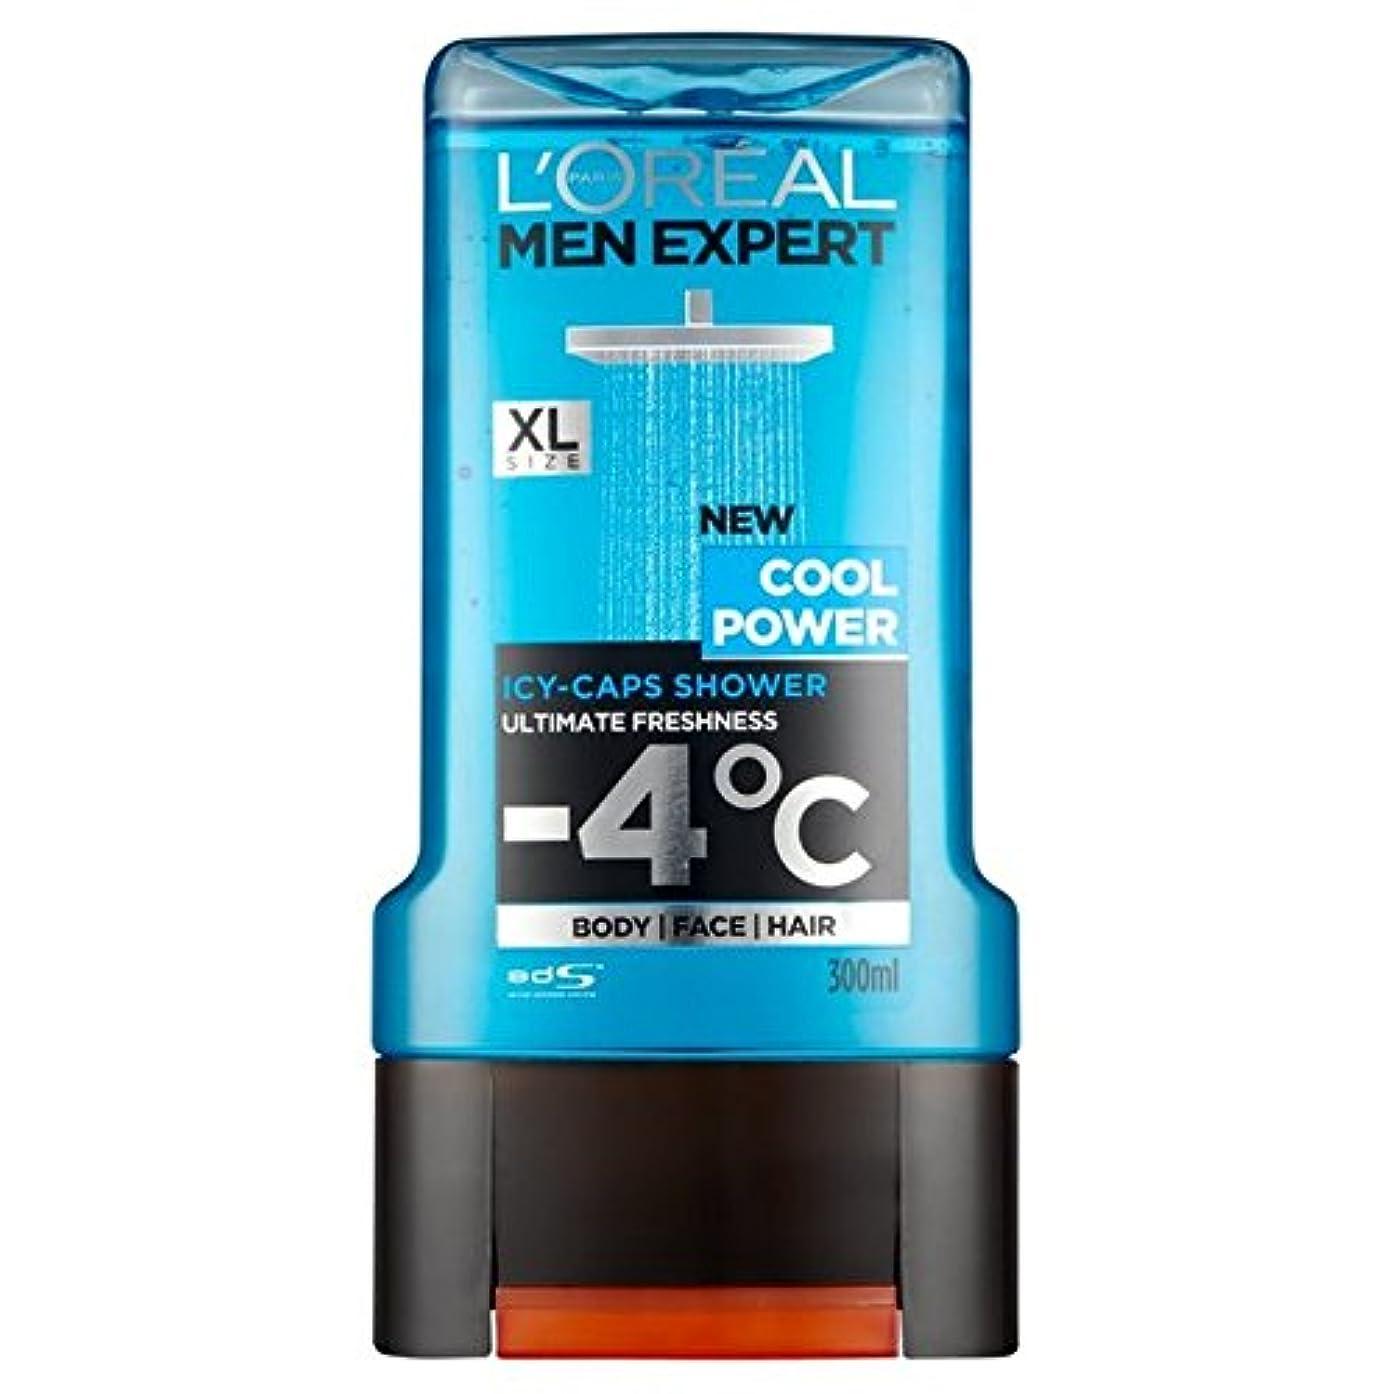 除外する作者マニュアルL'Oreal Paris Men Expert Cool Power Shower Gel 300ml (Pack of 6) - ロレアルパリの男性の専門家のクールなパワーシャワージェル300ミリリットル x6 [並行輸入品]